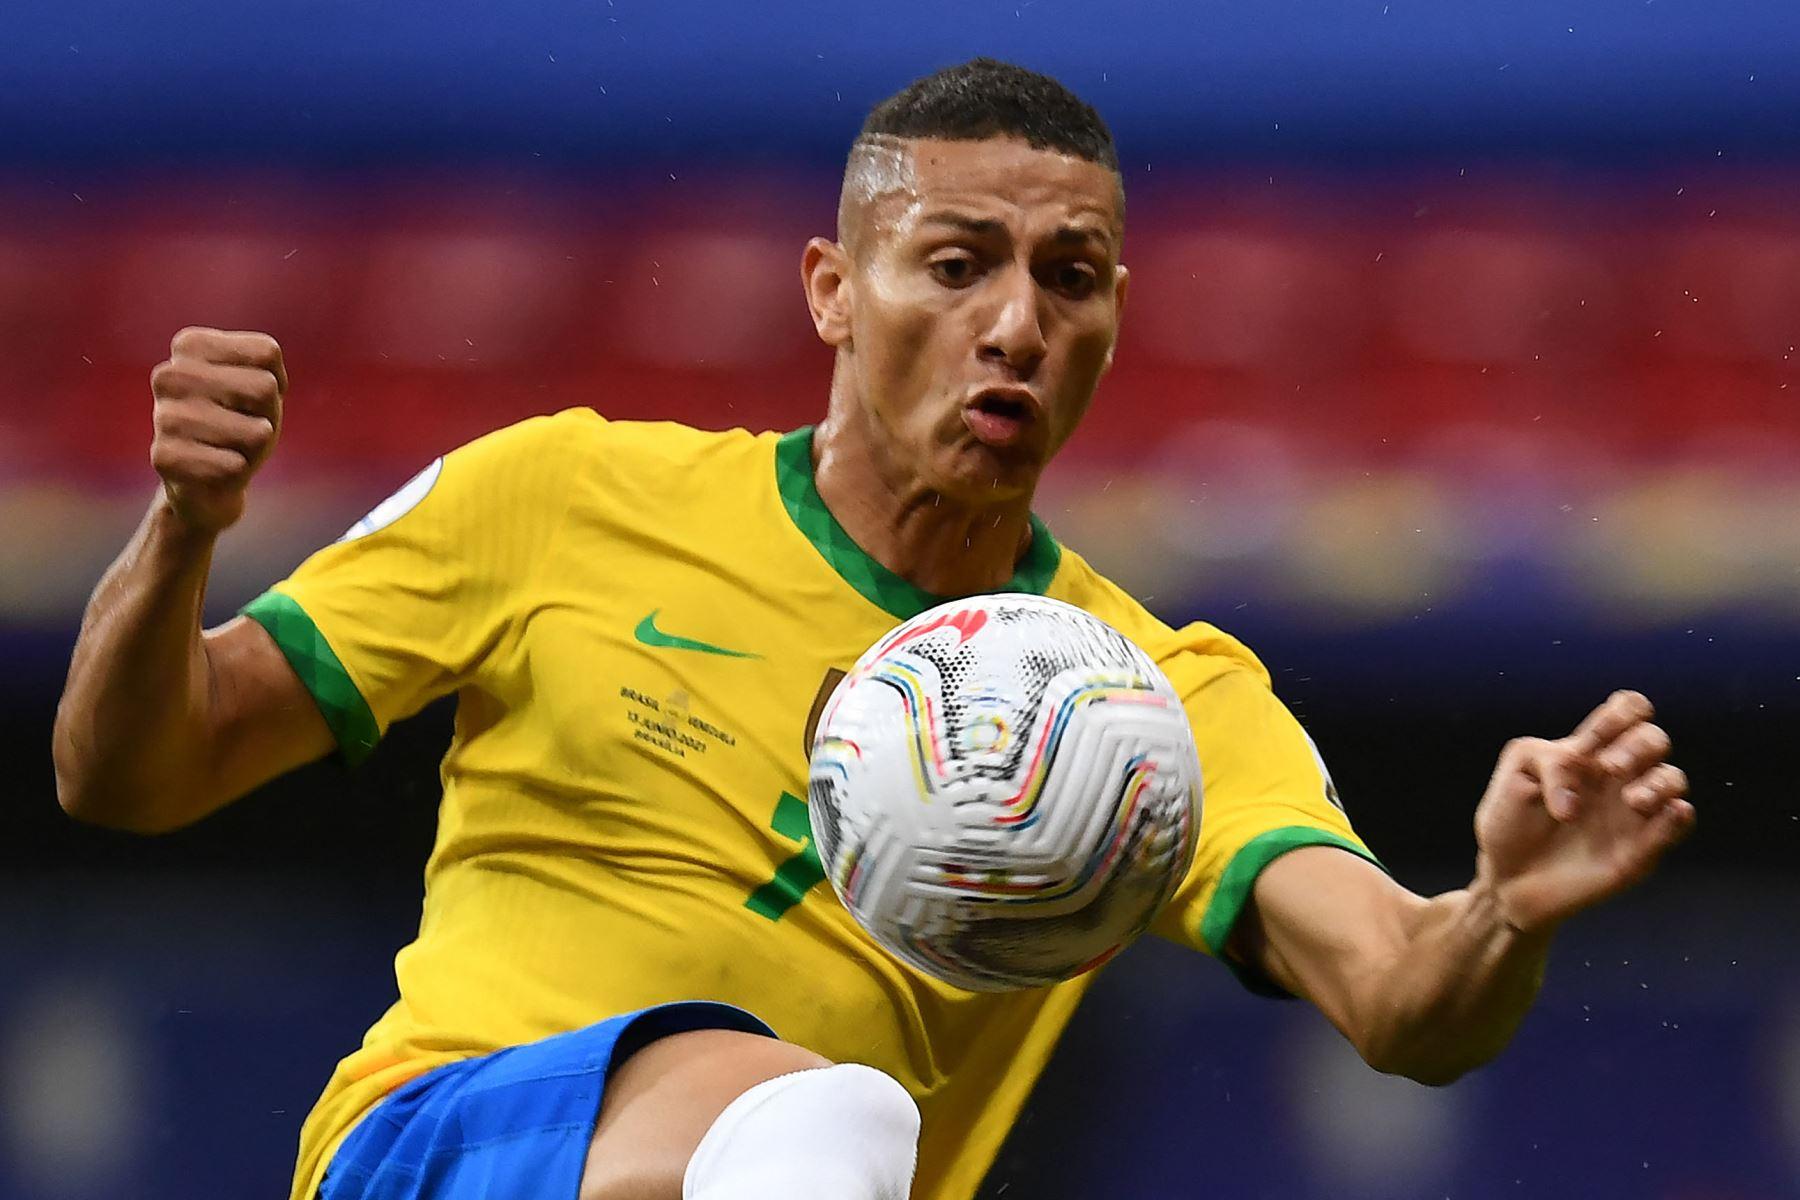 Richarlison de Brasil controla el balón durante el partido de la fase de grupos del torneo de fútbol Conmebol Copa América 2021 contra Venezuela en el Estadio Mane Garrincha en Brasilia. Foto: AFP